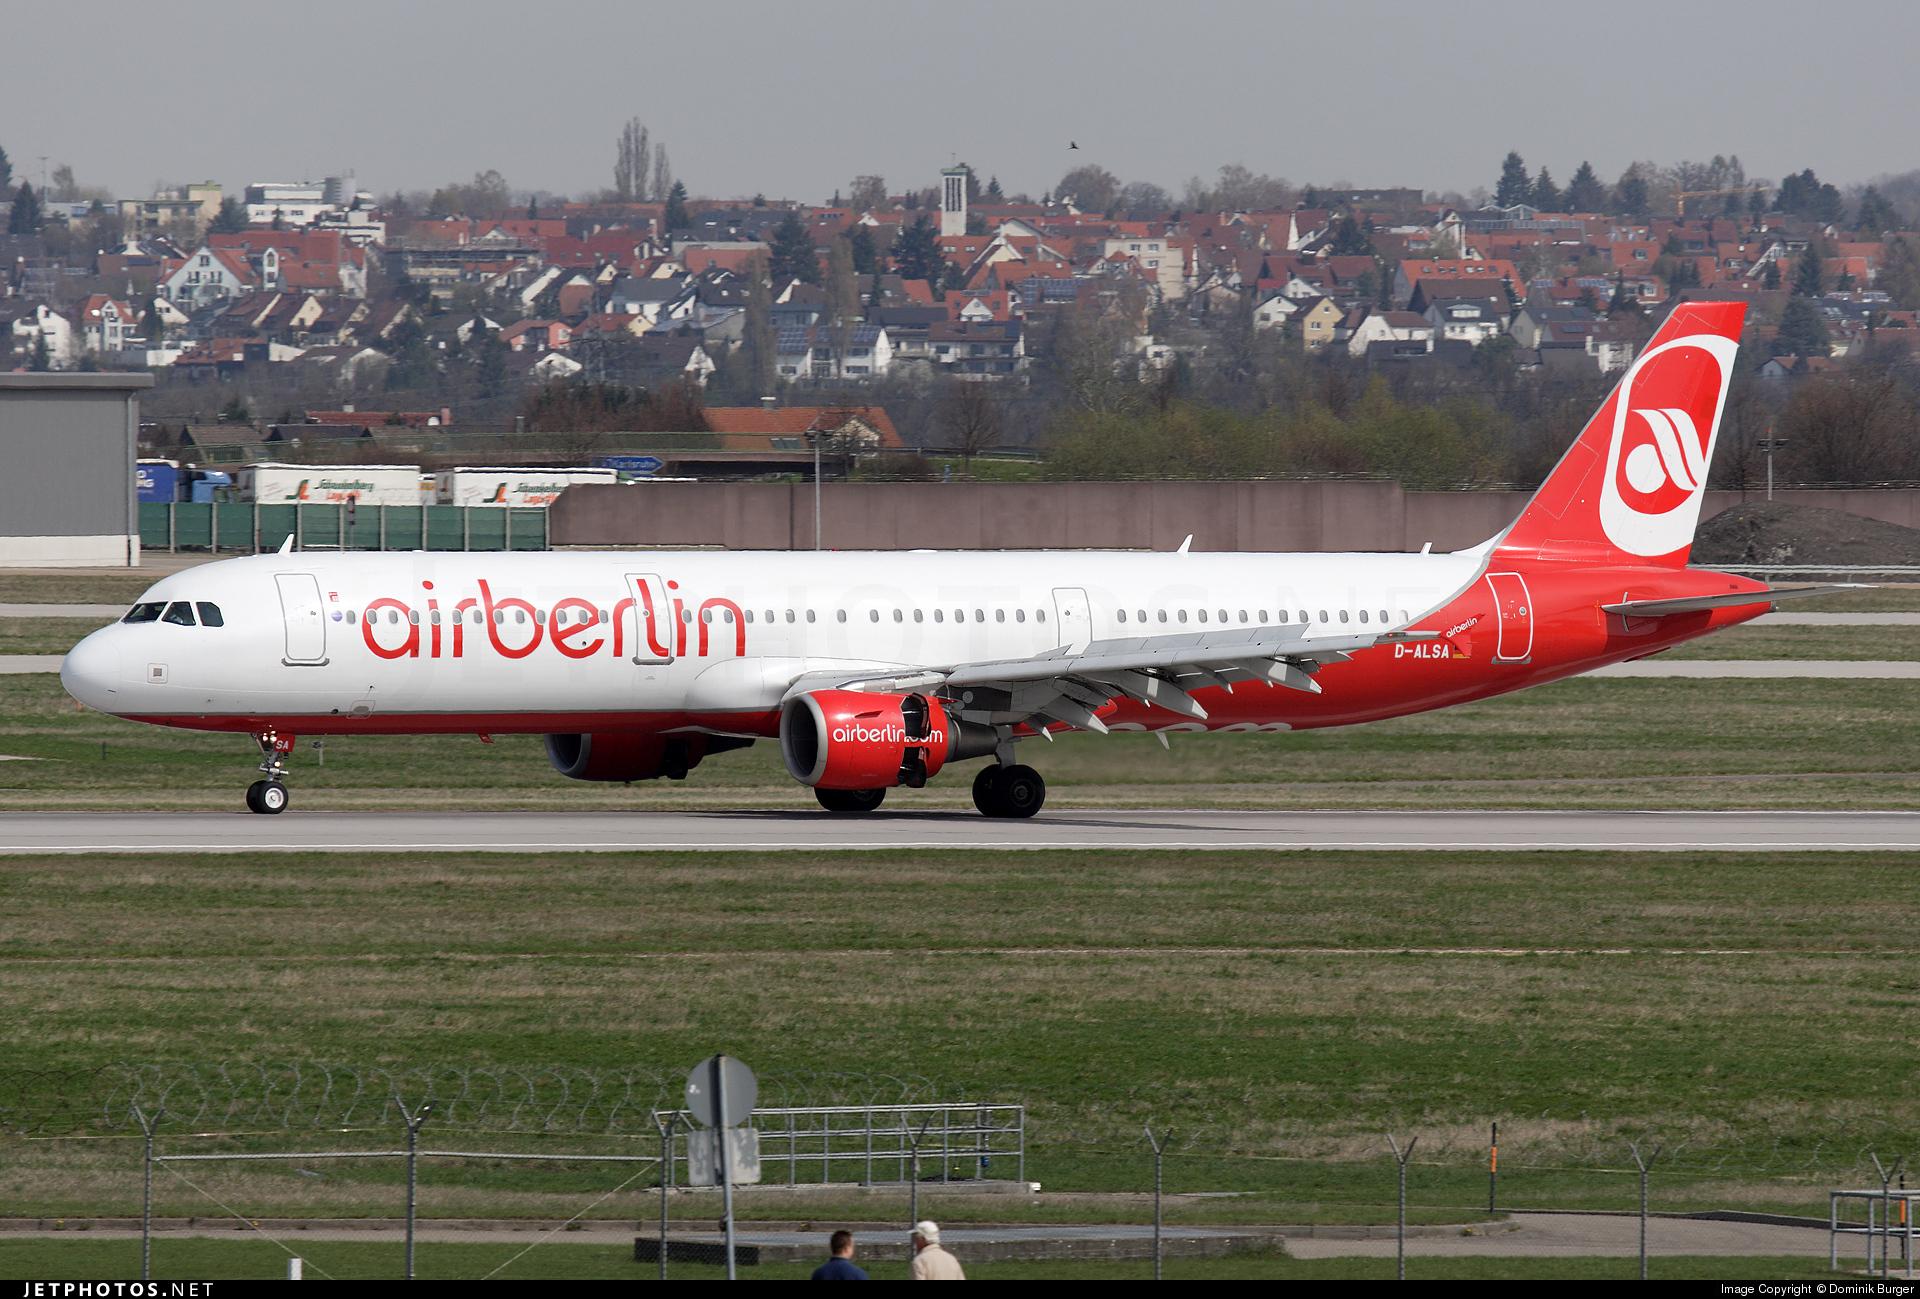 D-ALSA - Airbus A321-211 - Air Berlin